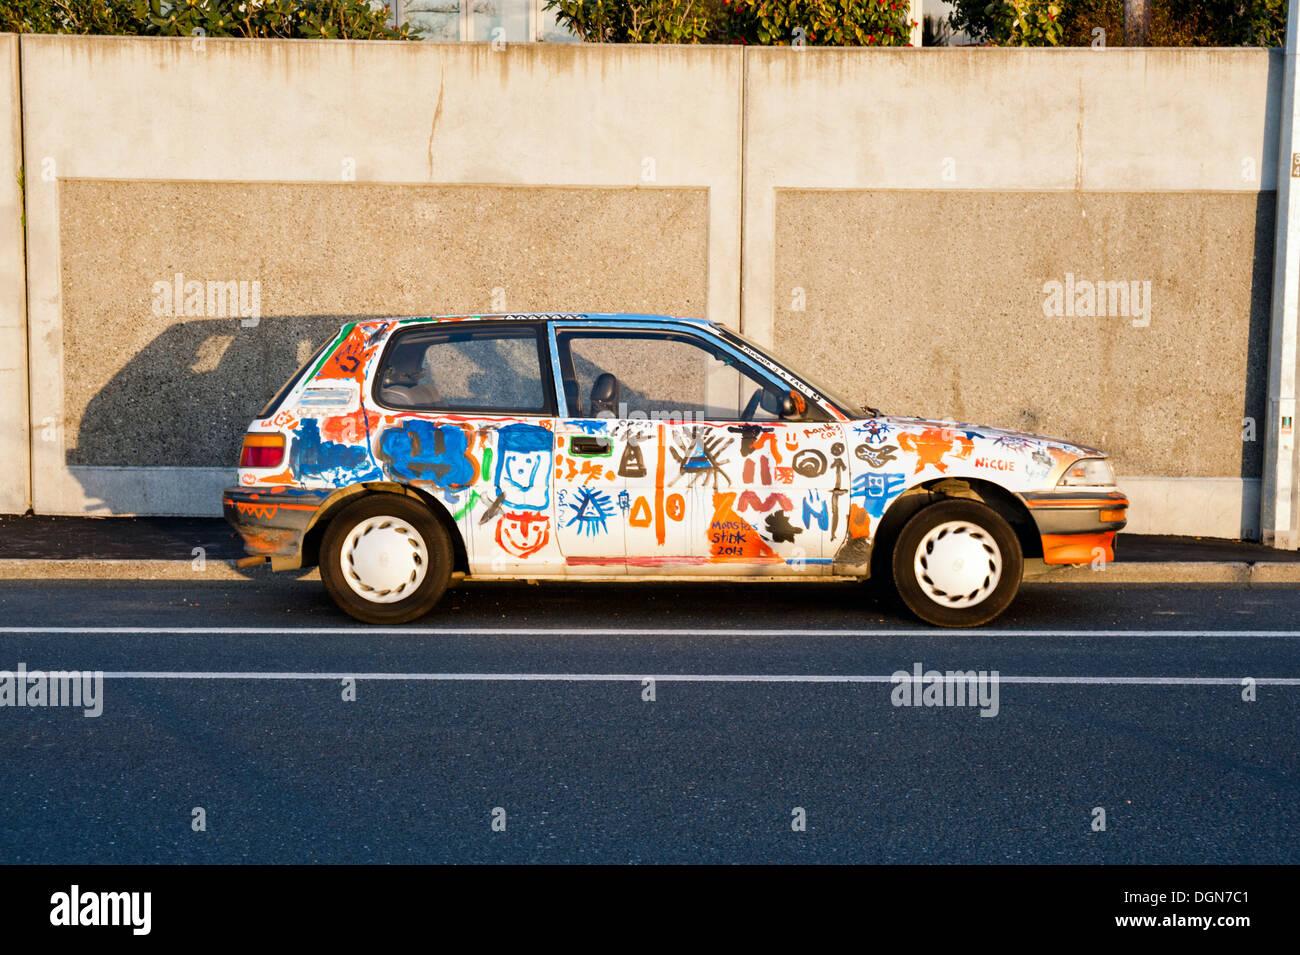 Viejo coche adornado con graffiti, la ciudad de Nelson, Nueva Zelanda. Imagen De Stock